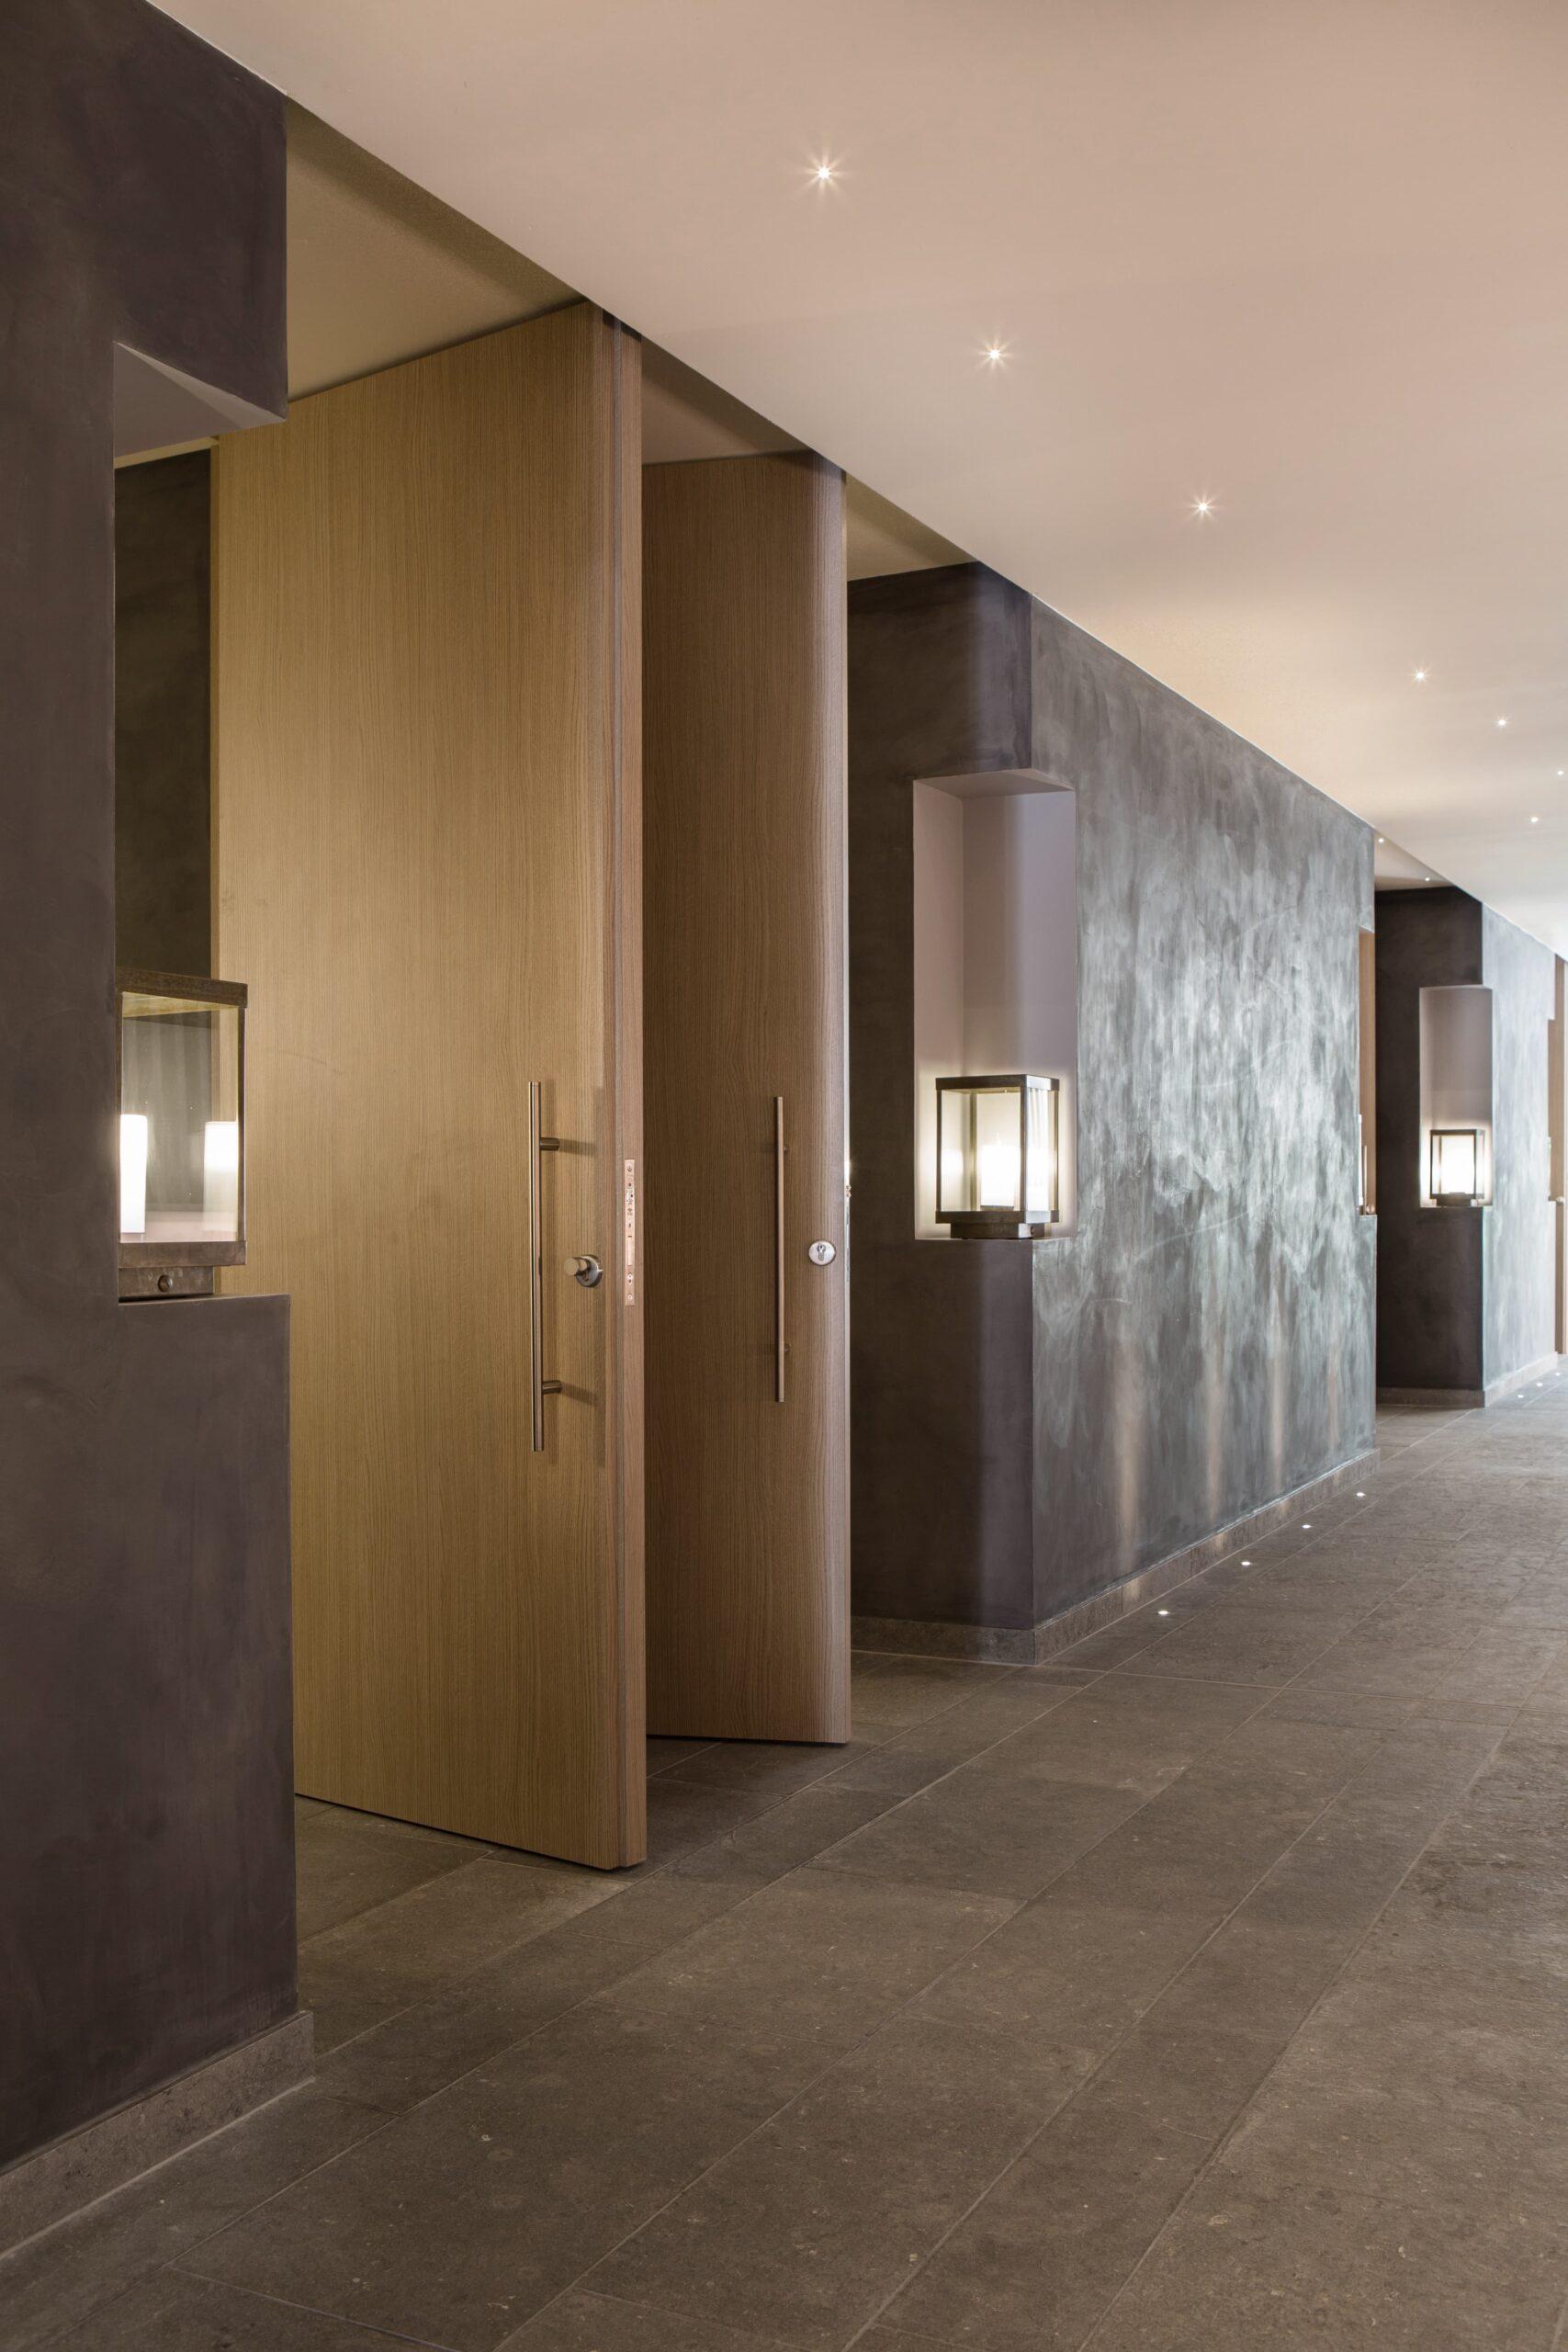 Eclairage d'un couloir de l'Hôtel Spa du Castellet